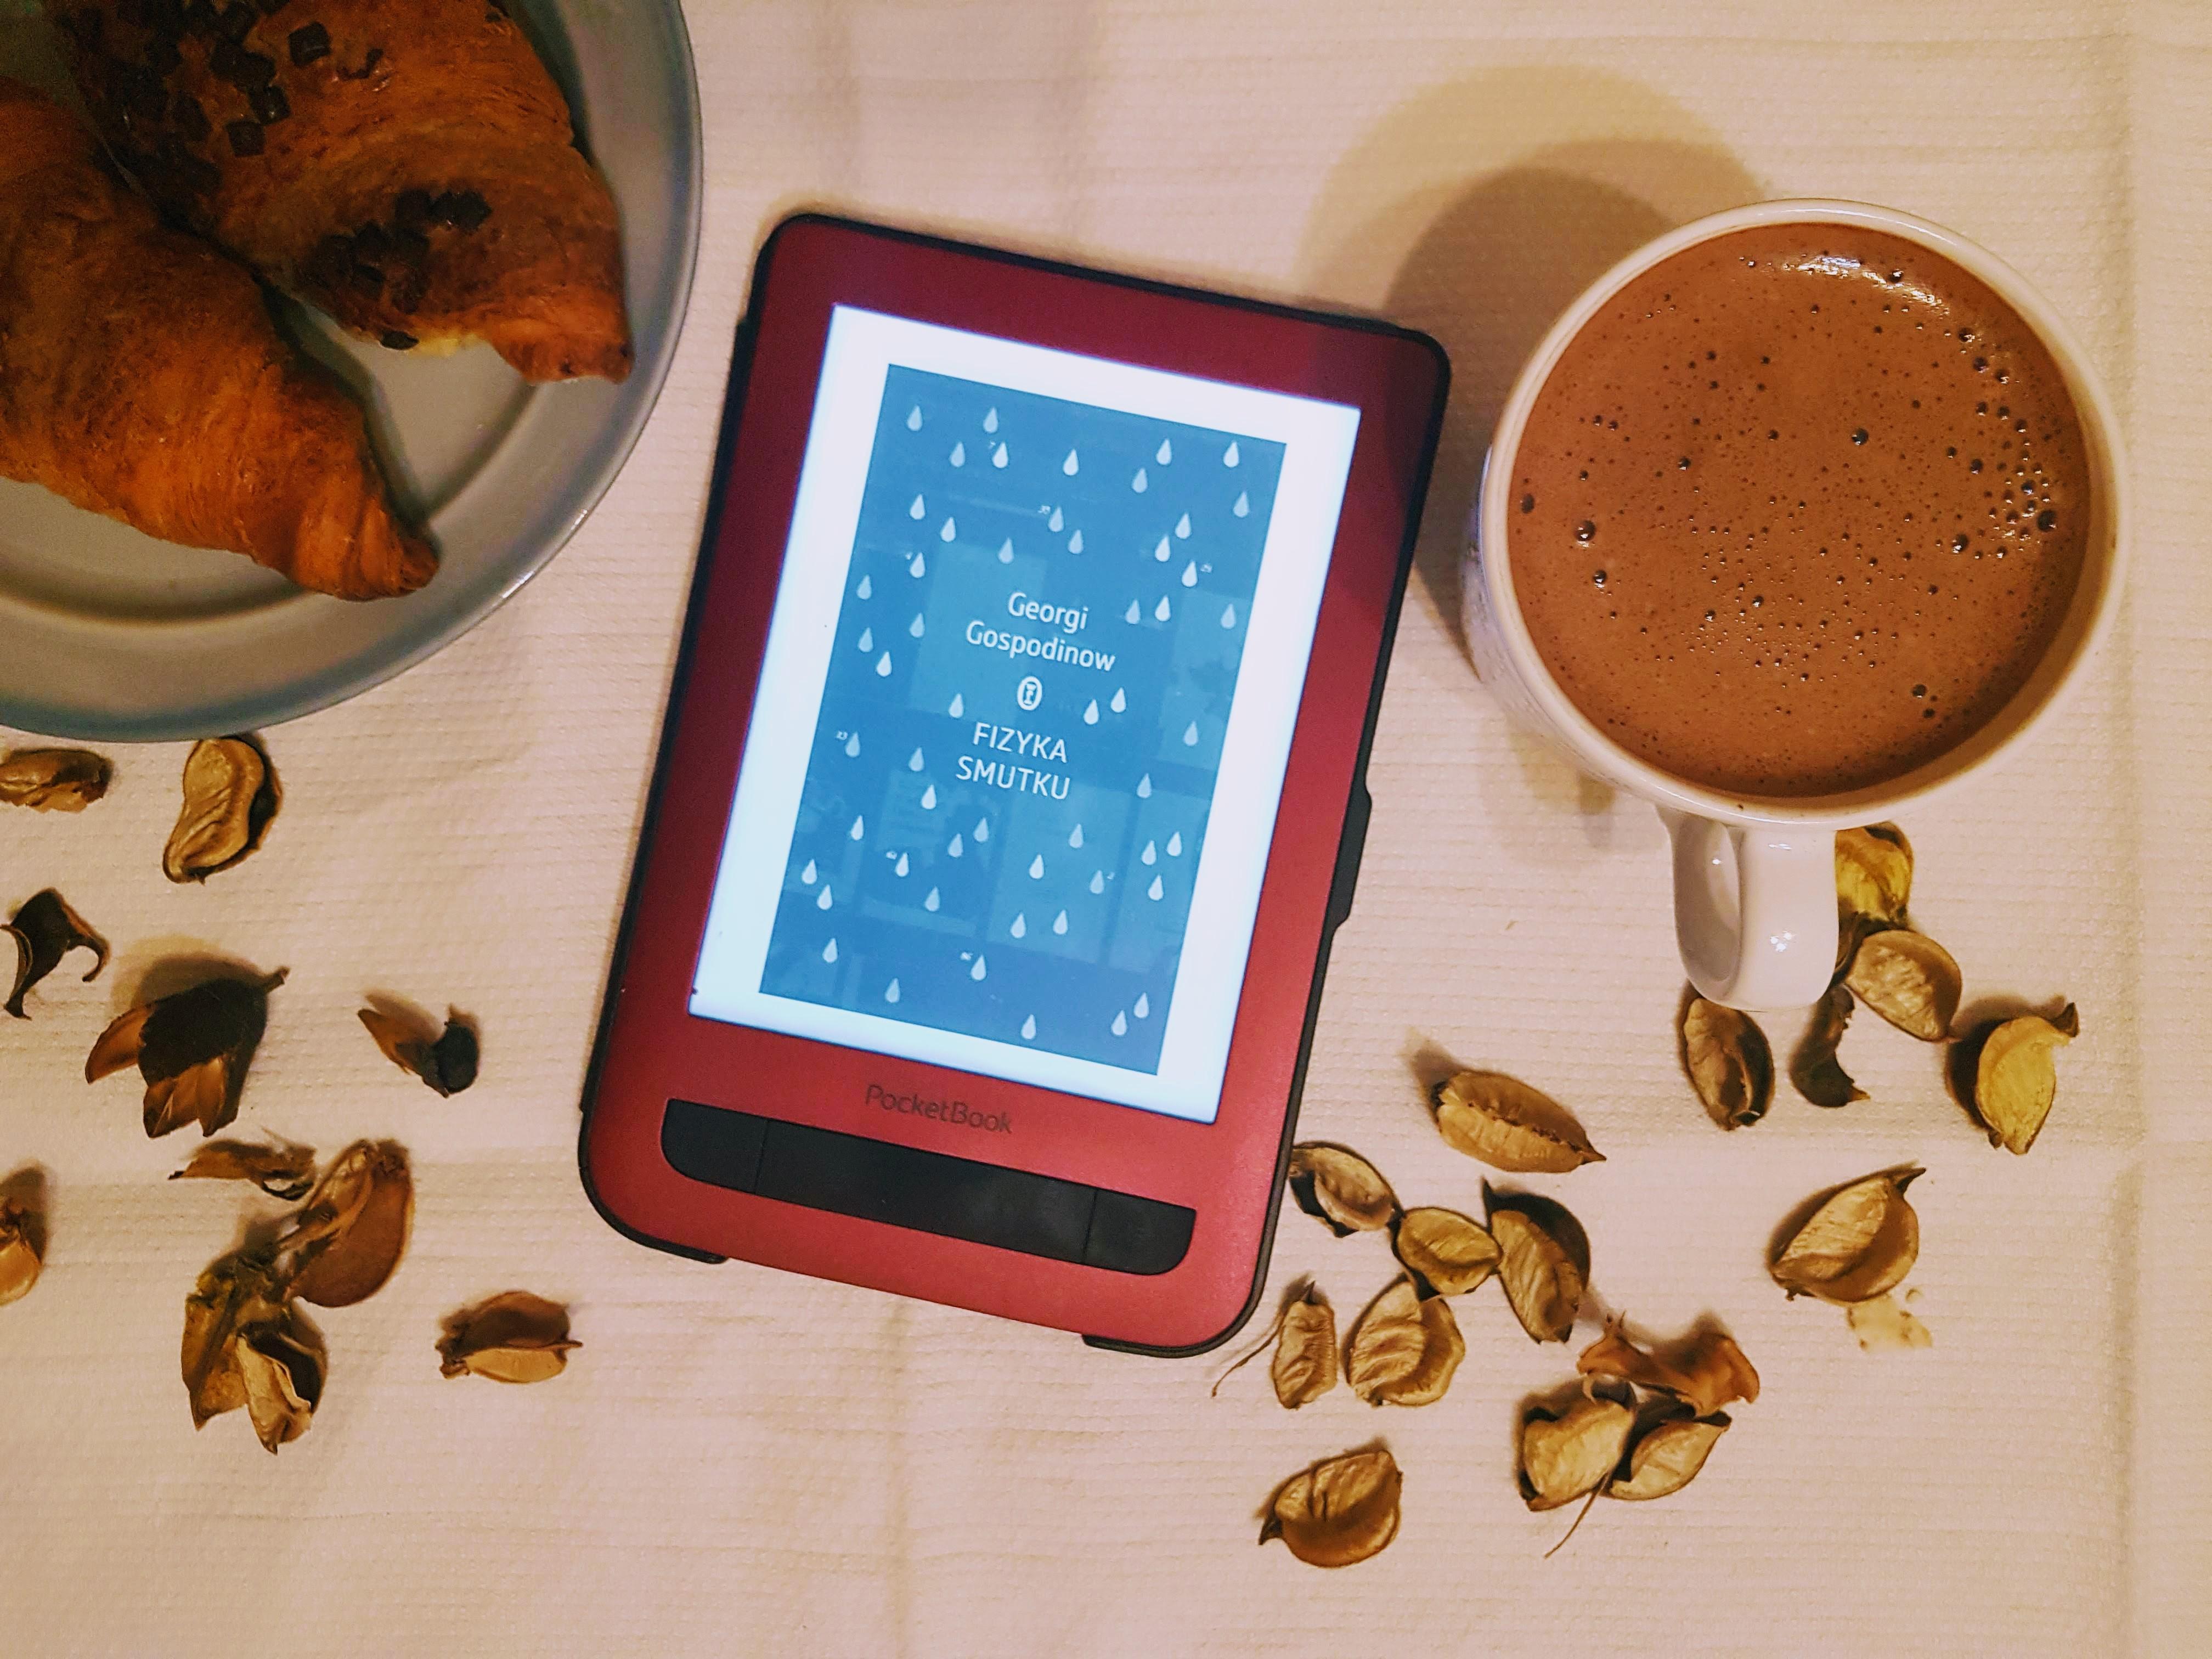 """Geogri Gospodinow """"Fizyka smutku"""" - czytnik Pocketbook Touch Lux 3"""